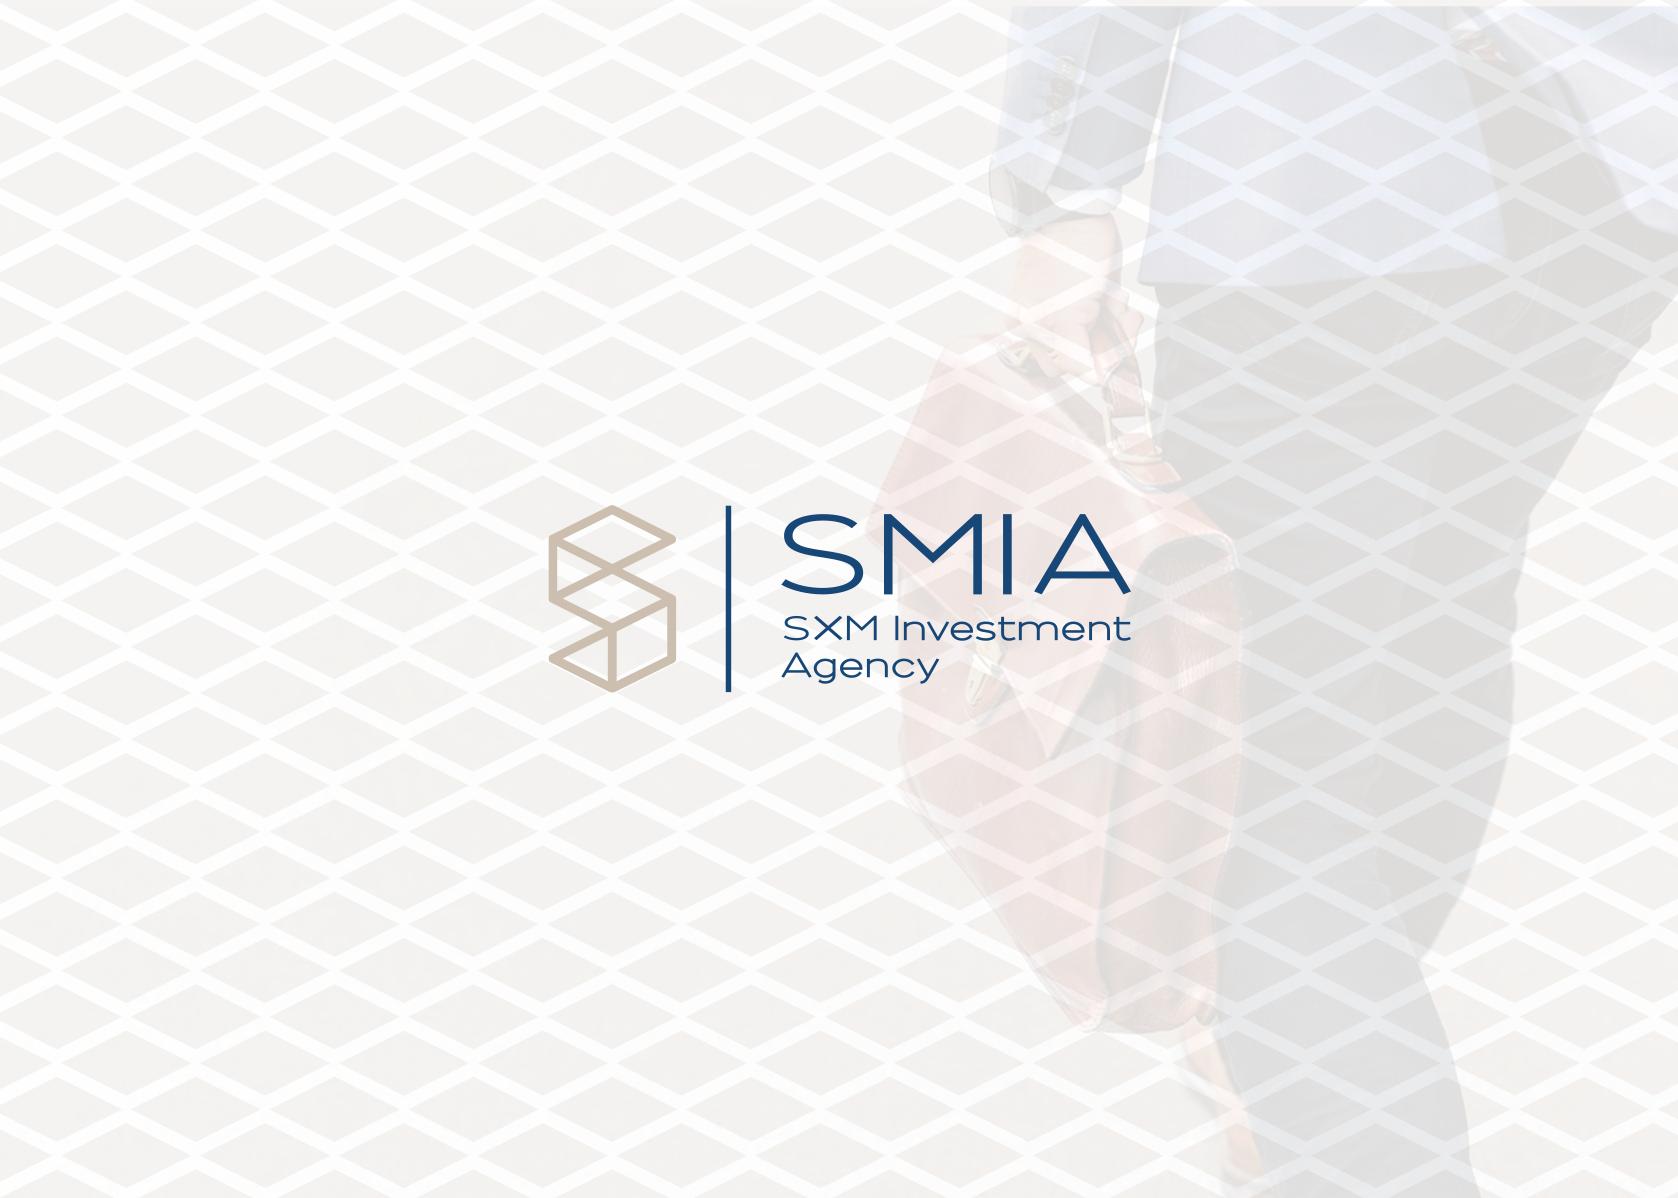 smia, investment agency, branding